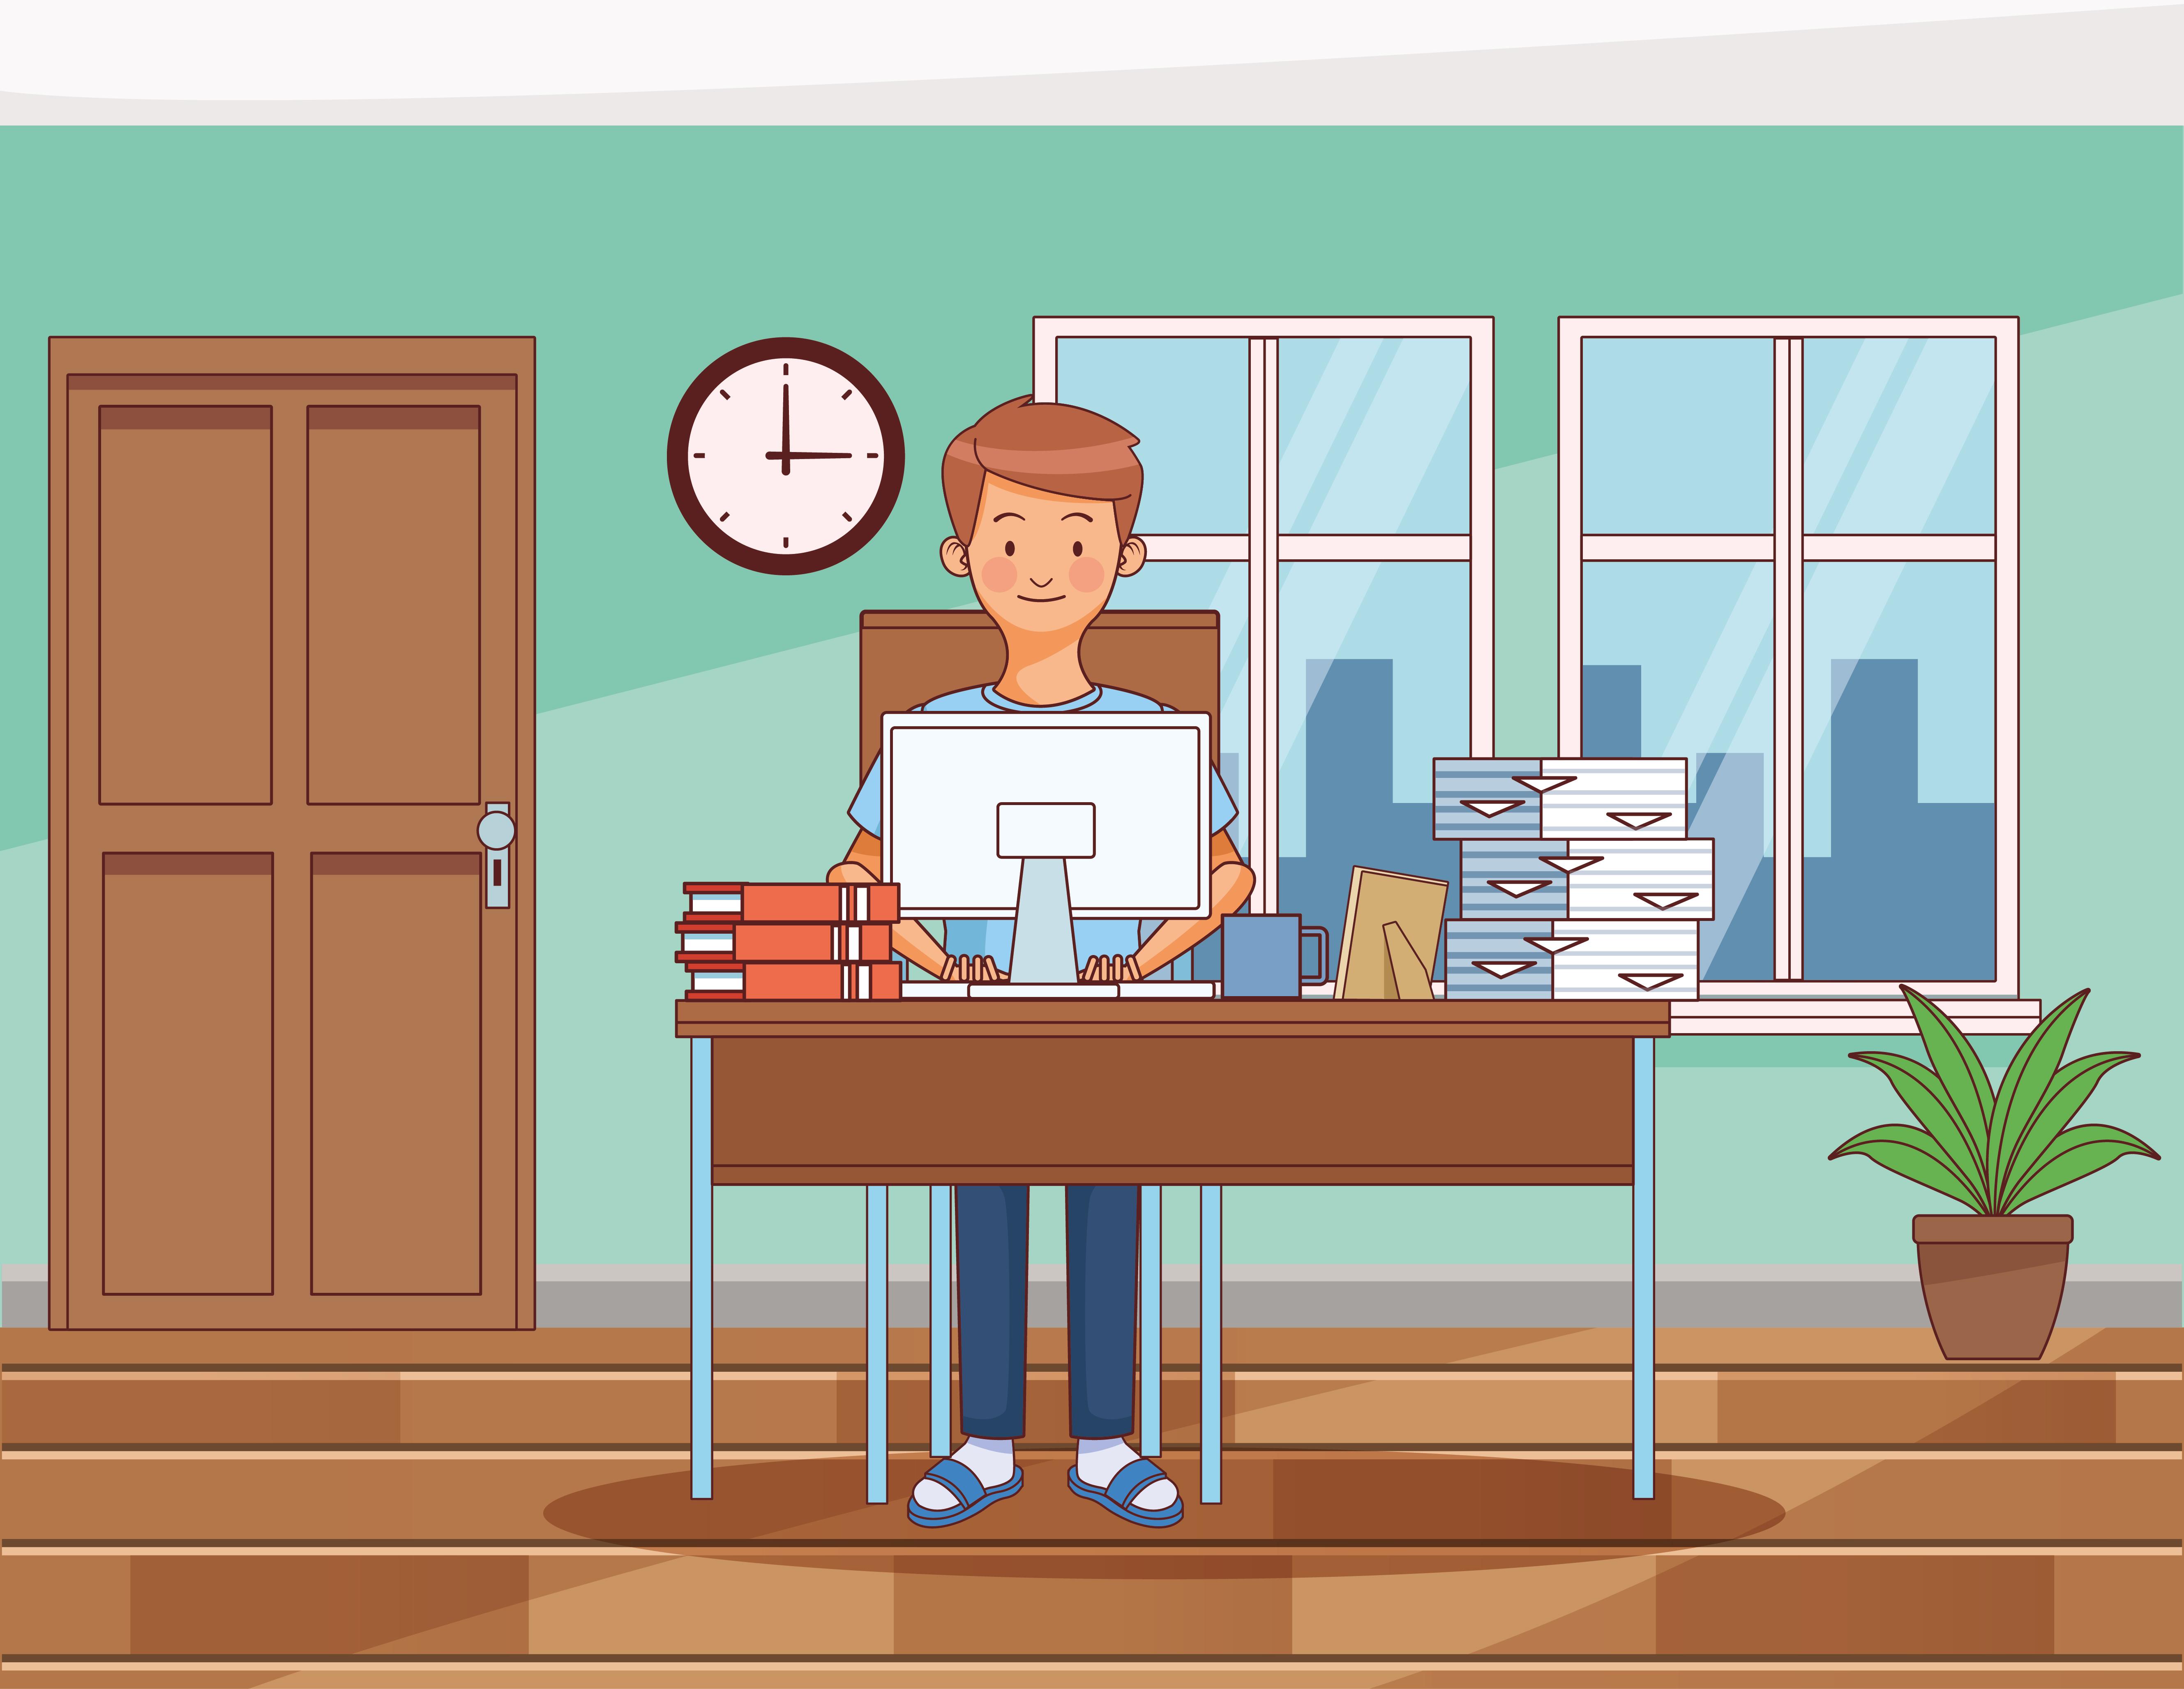 trabajar en casa personaje joven